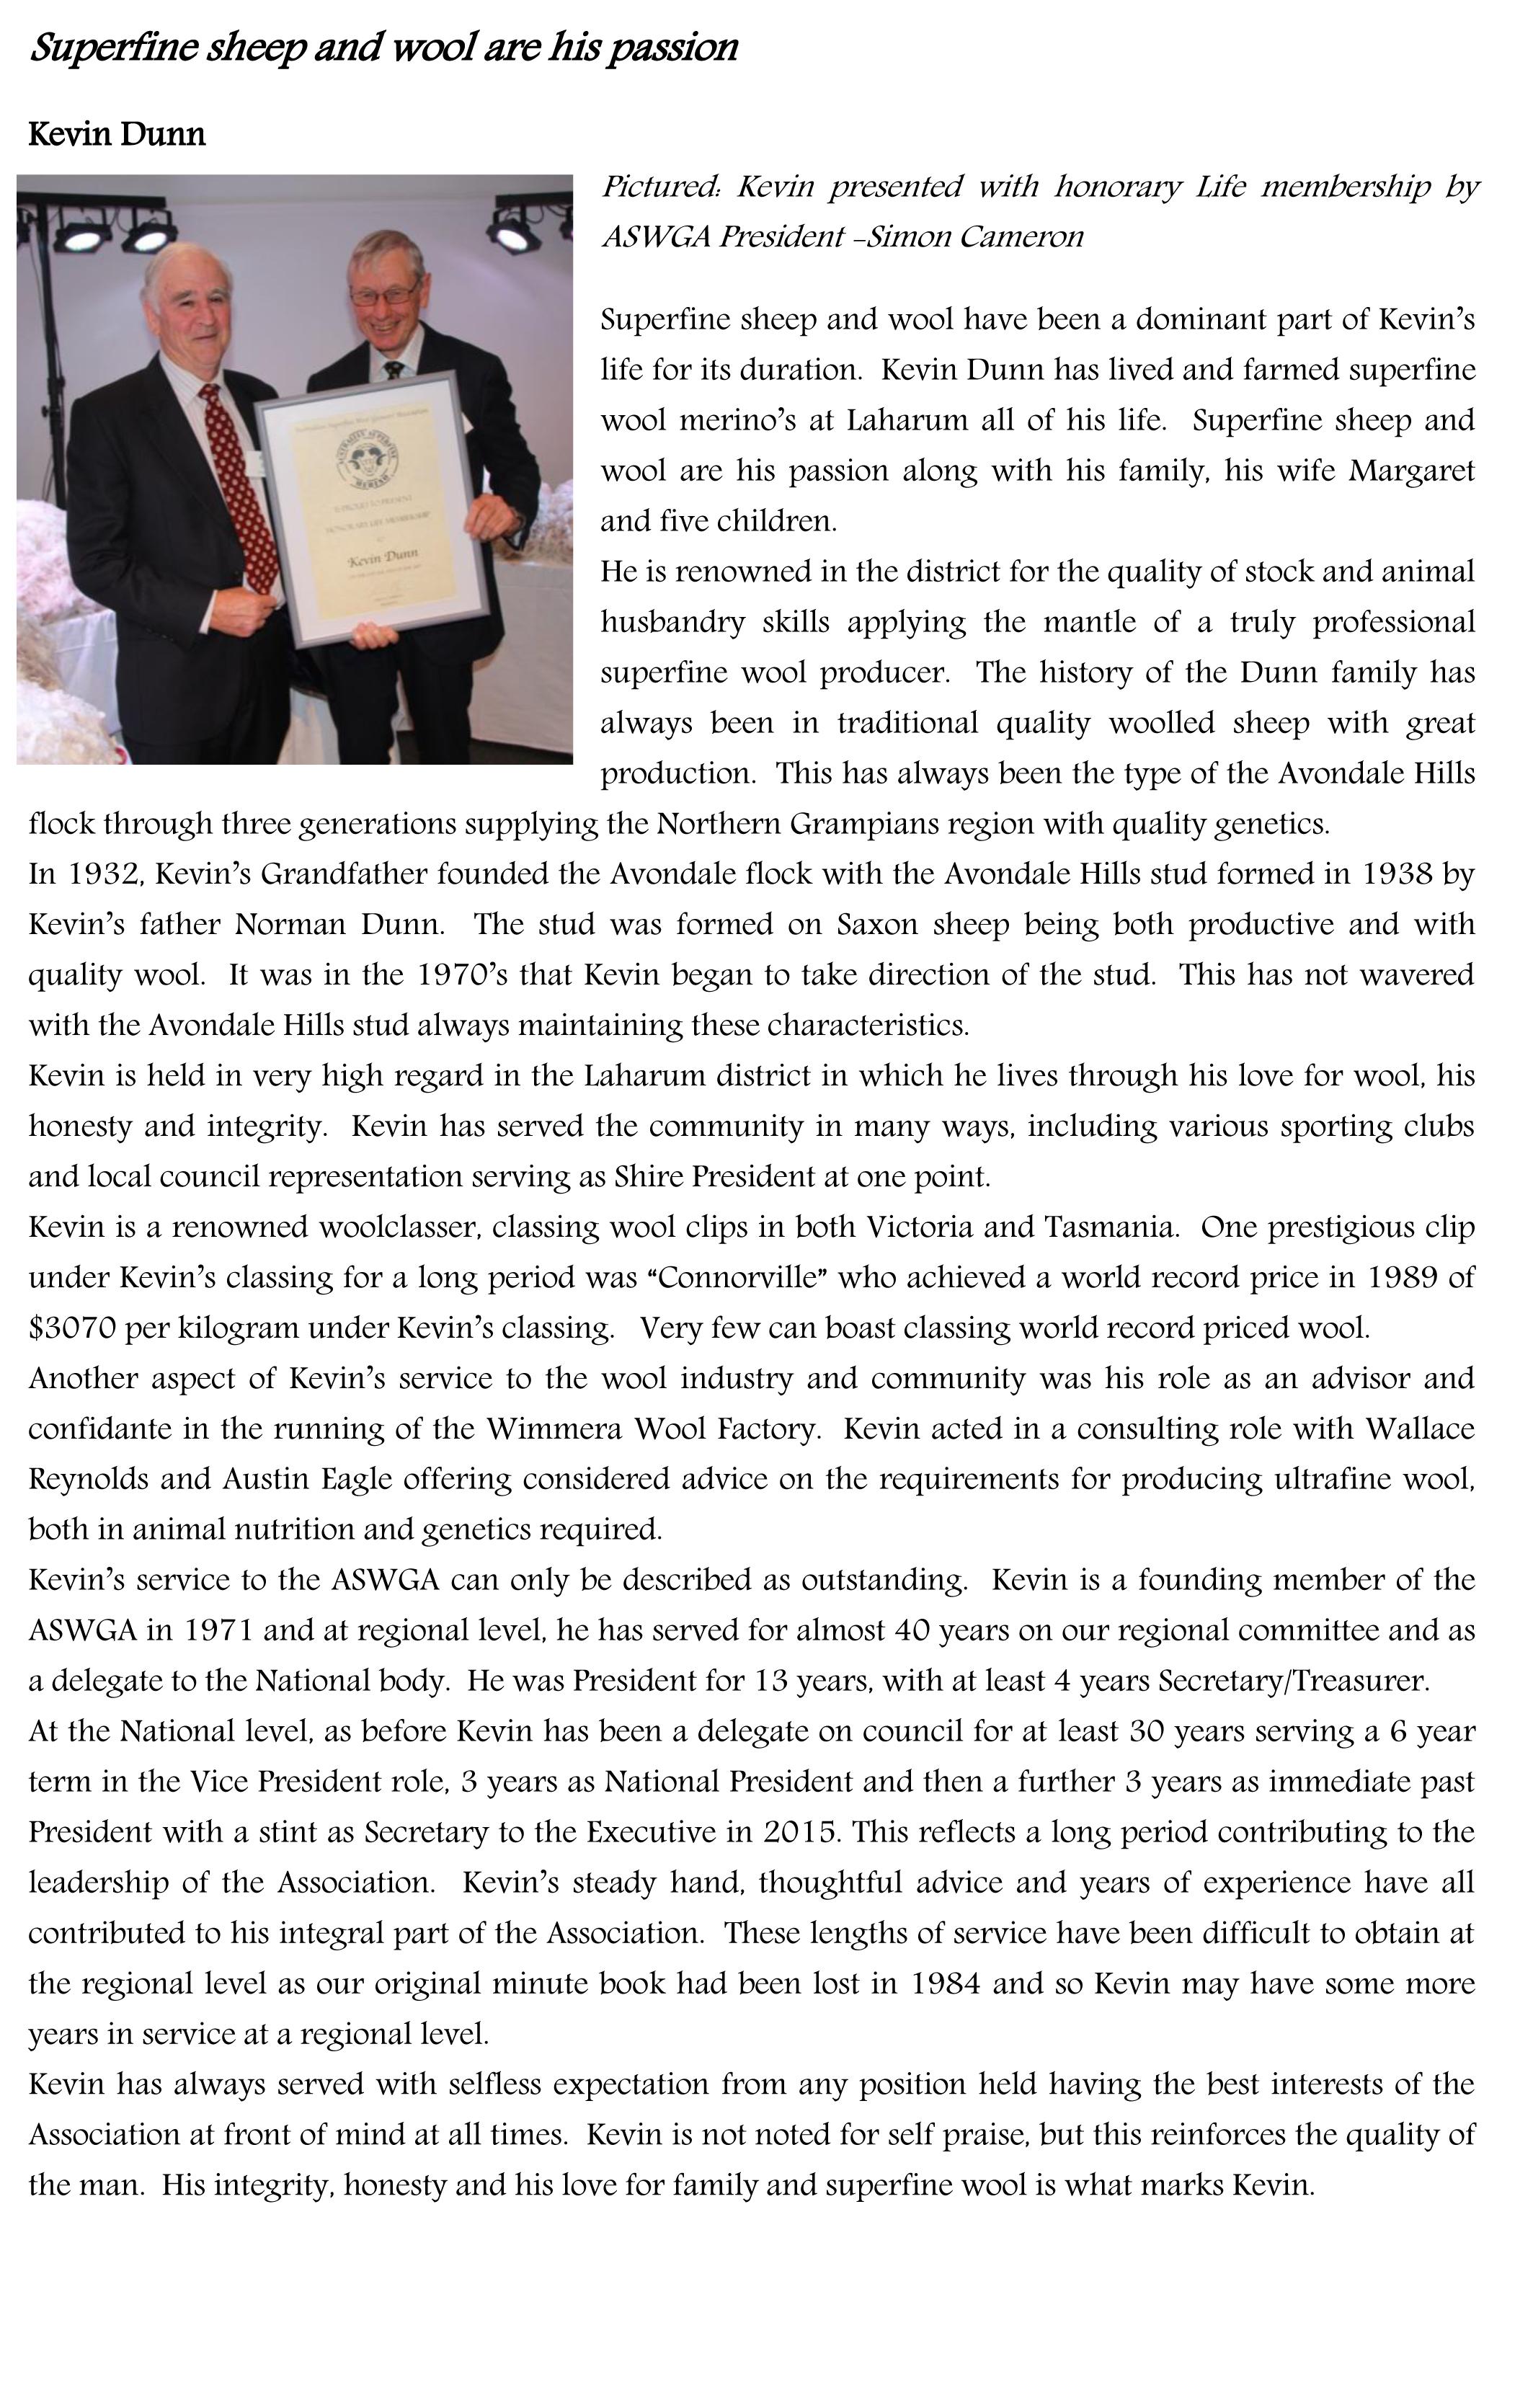 Kevin Dunn Honorary Life Membership.jpg